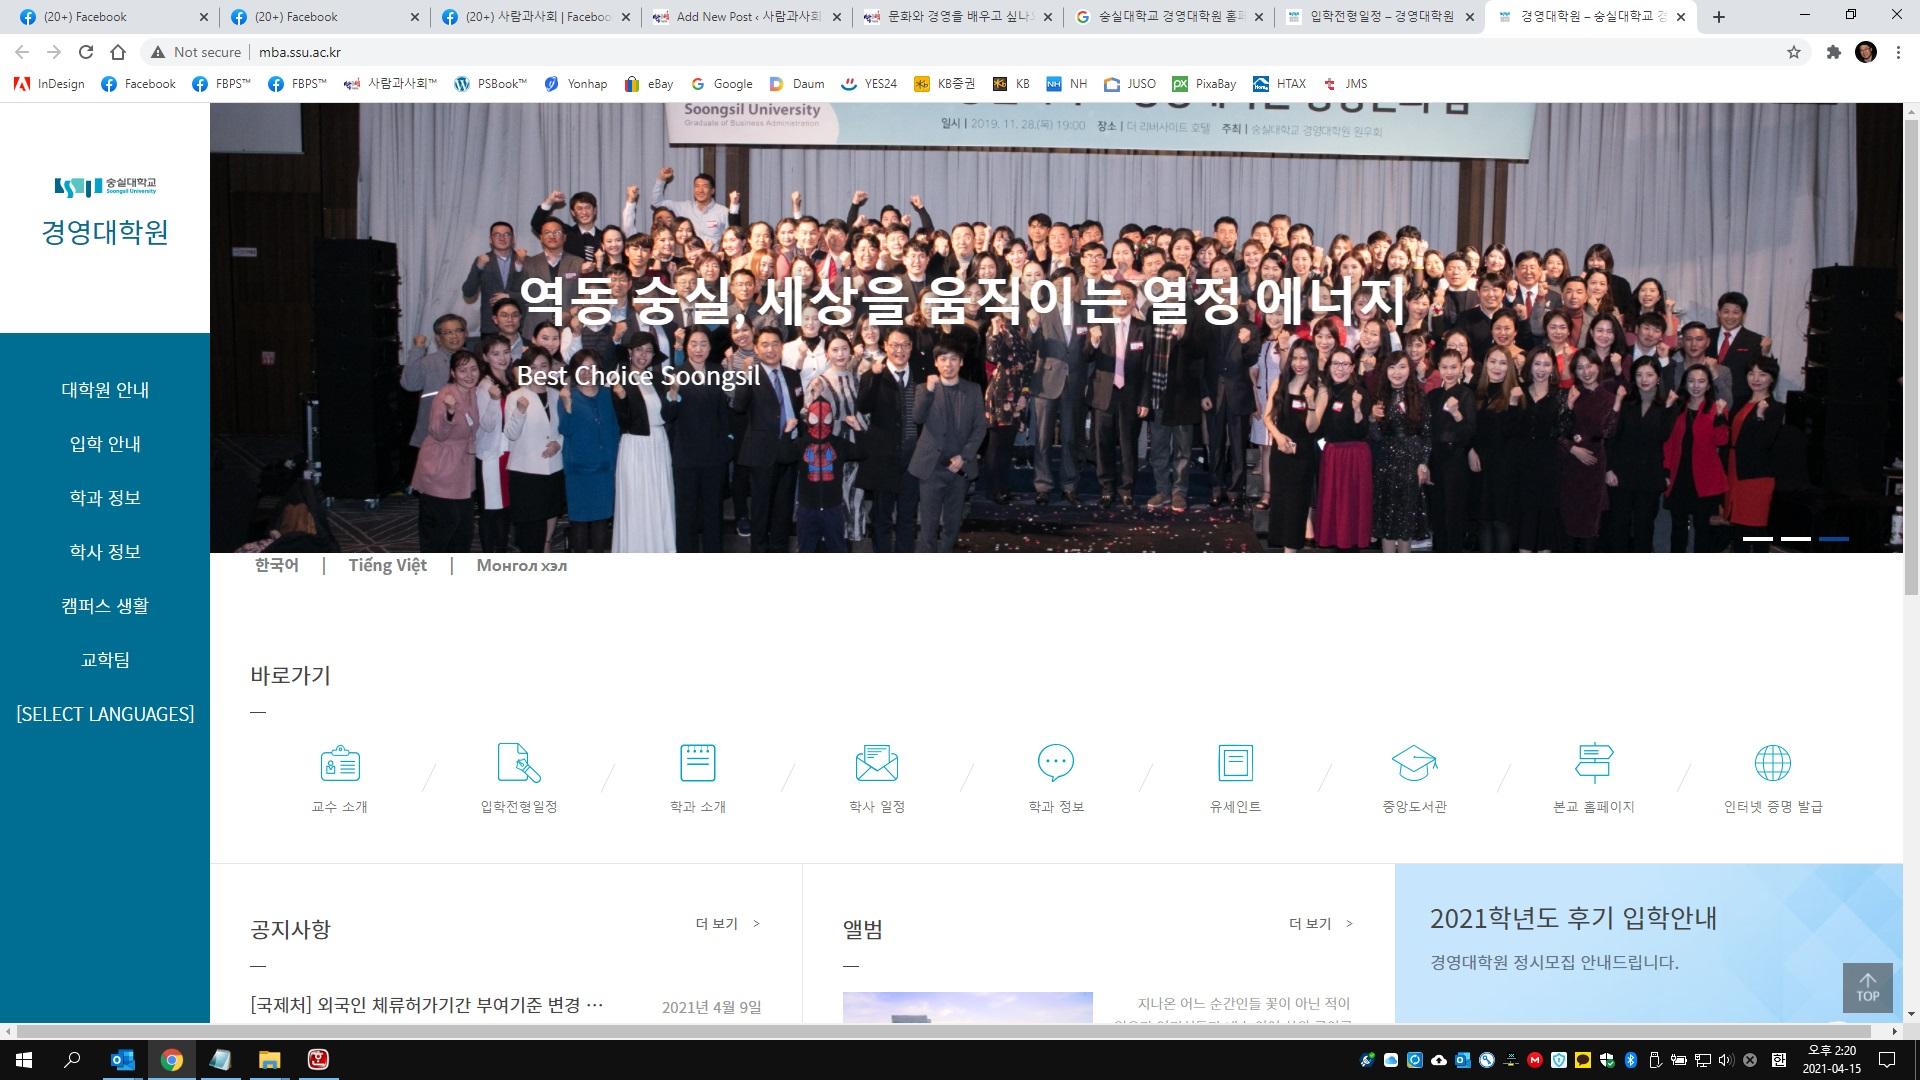 숭실대 경영대학원 문화콘텐츠경영학과 홈페이지